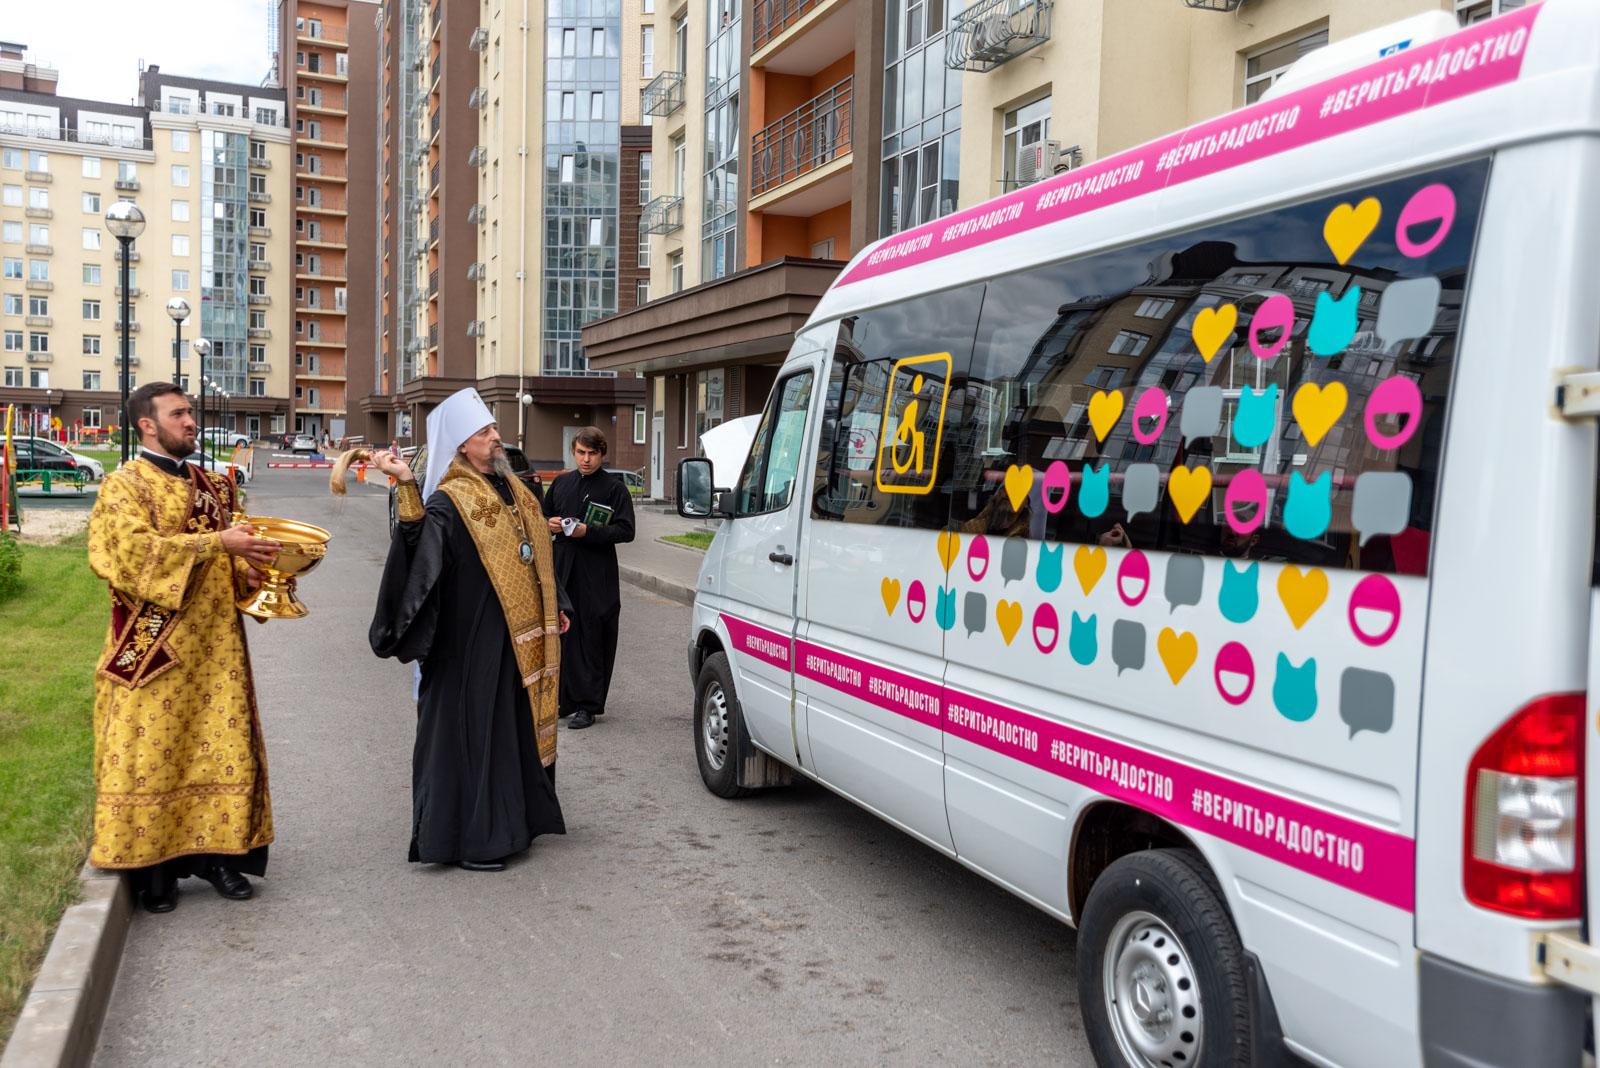 Митрополит Белгородский и Старооскольский Иоанн освящает автомобиль Свято-Елисаветинской обители милосердия